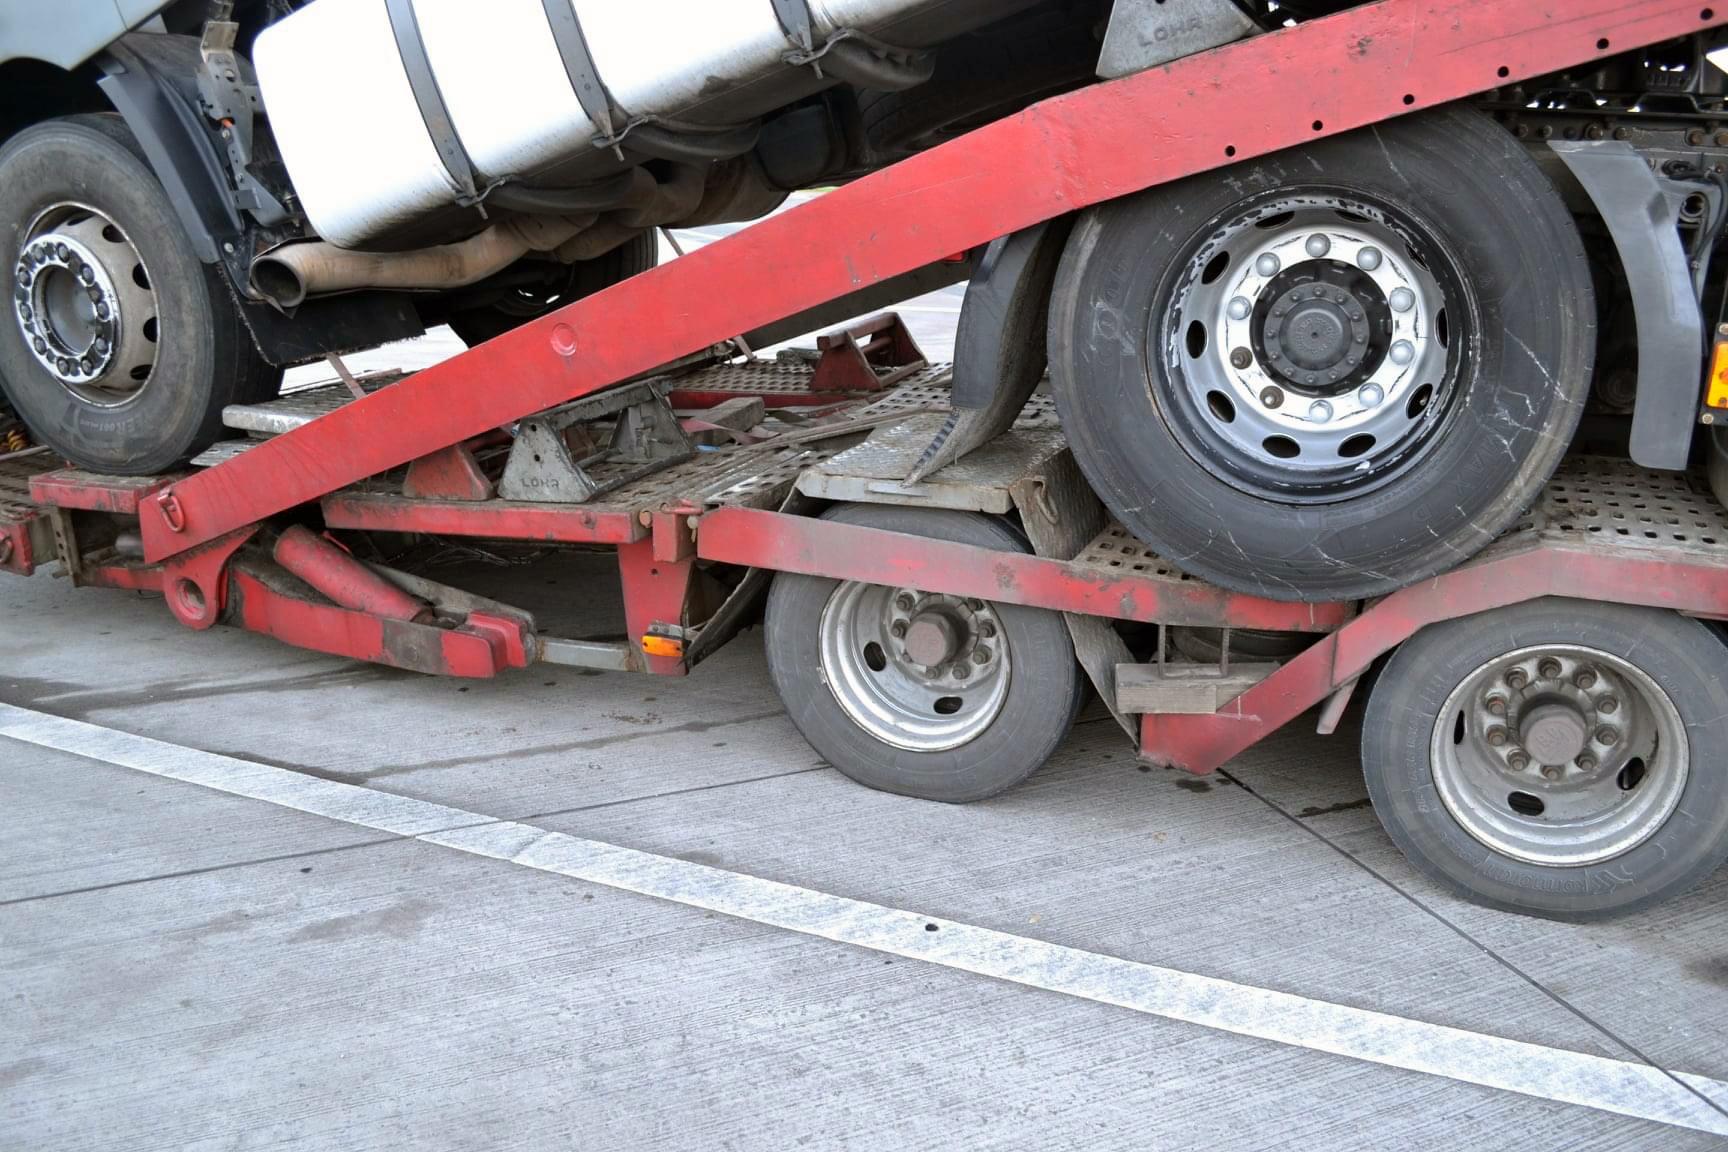 Transportor auto blocat în Germania din cauza numeroaselor probleme tehnice